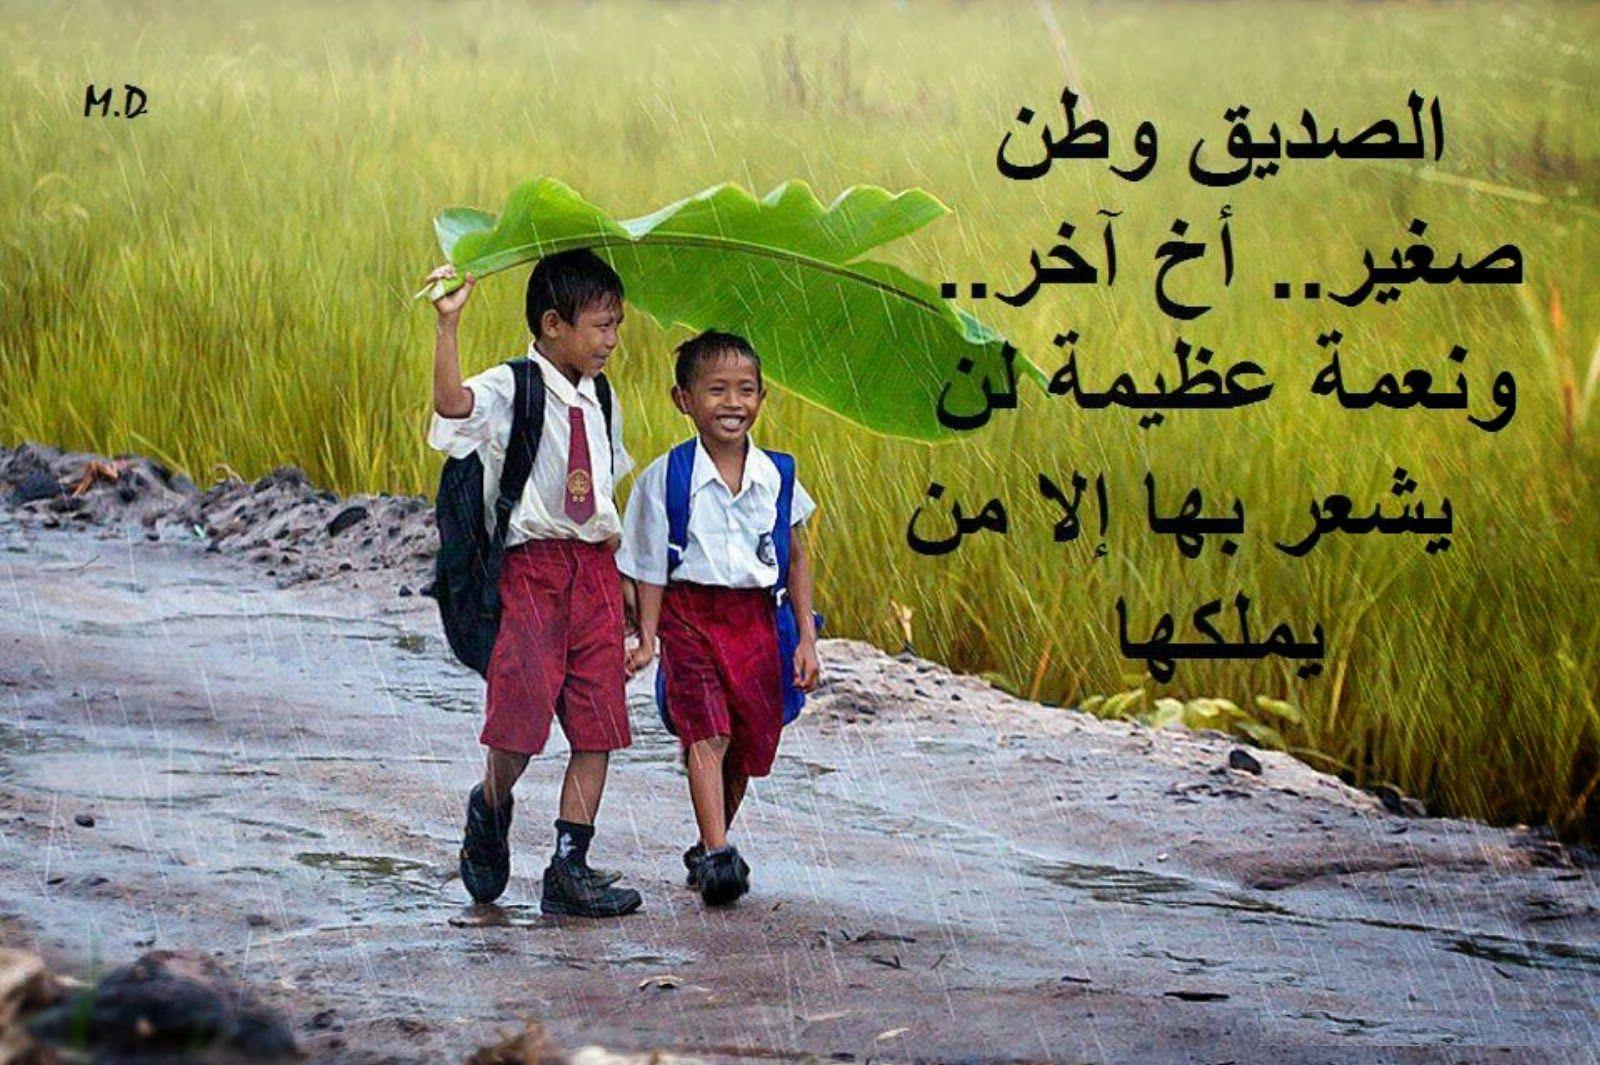 اجمل رمزيات عتاب حب حزينة رومانسية او معاتبة الاصدقاء Images 3tab Friends Lovers Rmaziat Romantic Rain Photo People